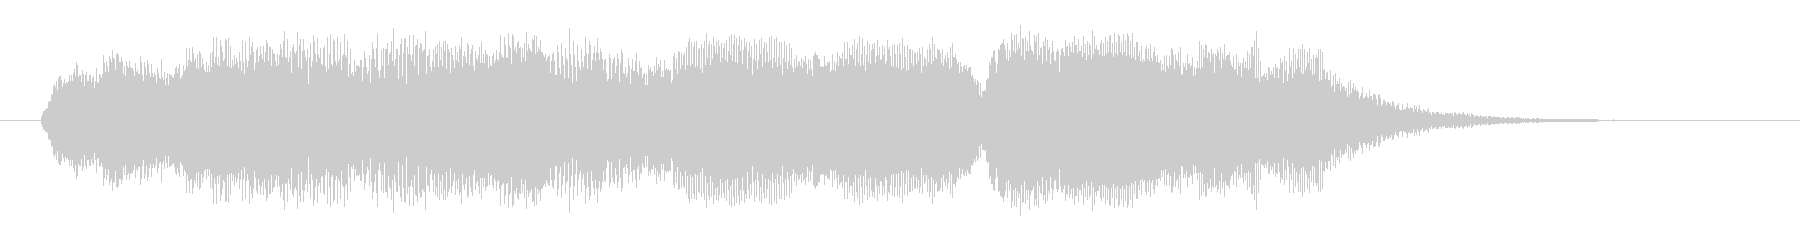 幻想的で浮遊感のあるシンセミュージックの未再生の波形